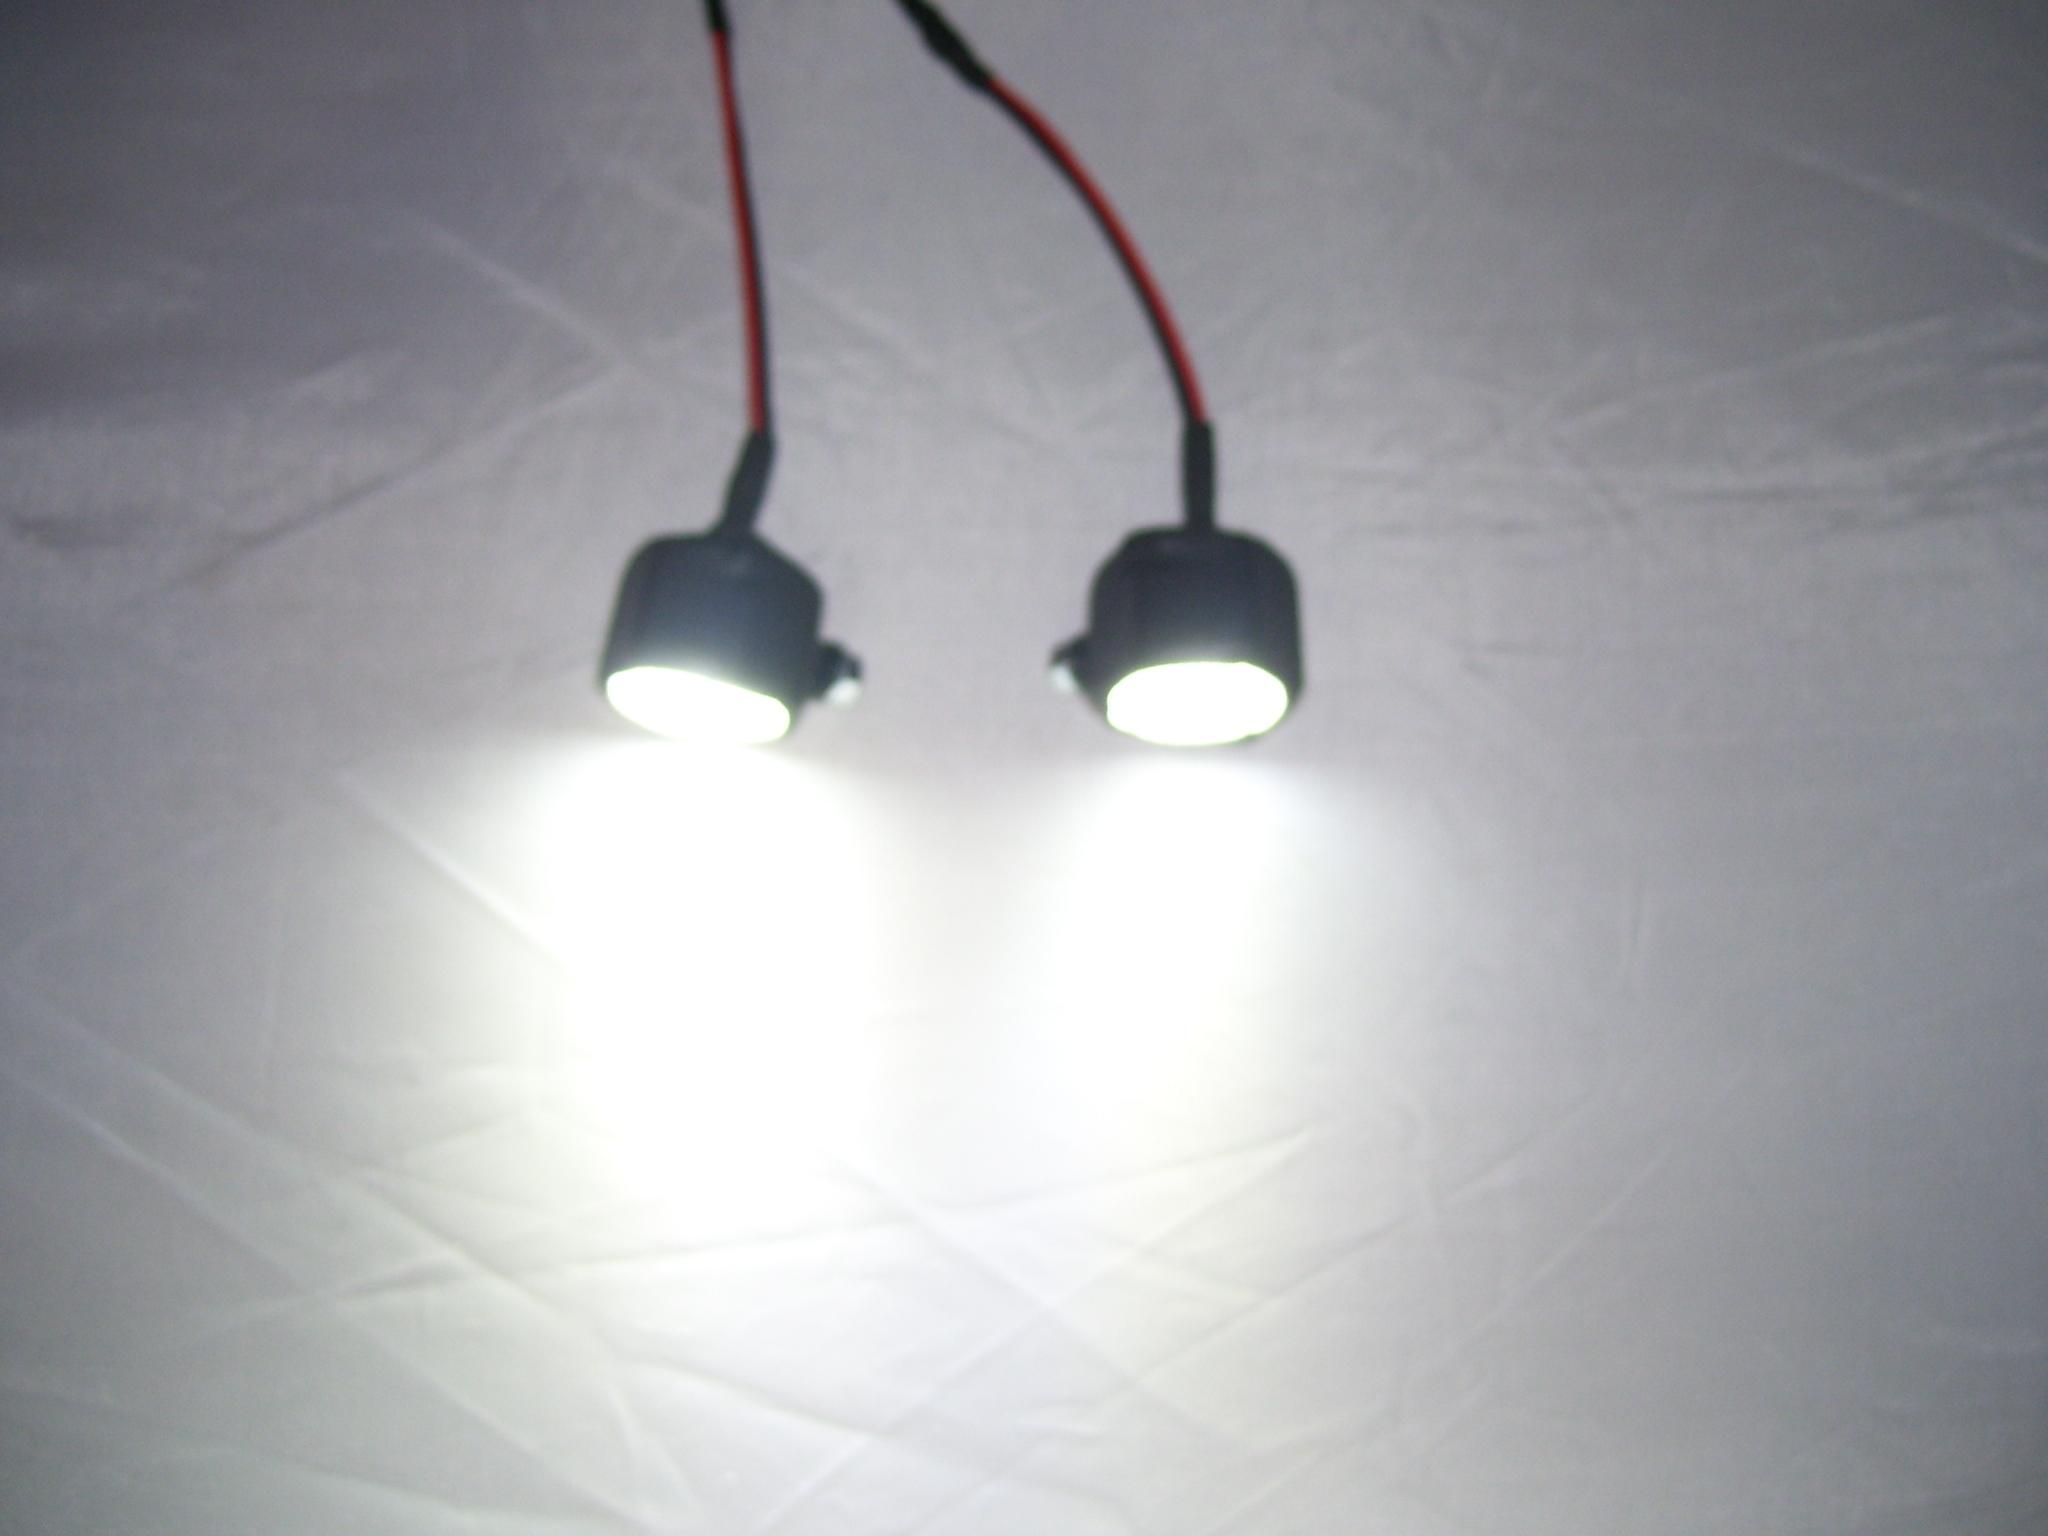 2 x 1 Watt High-Power LEDs Lampen mit Befestigung Großmodelle ...